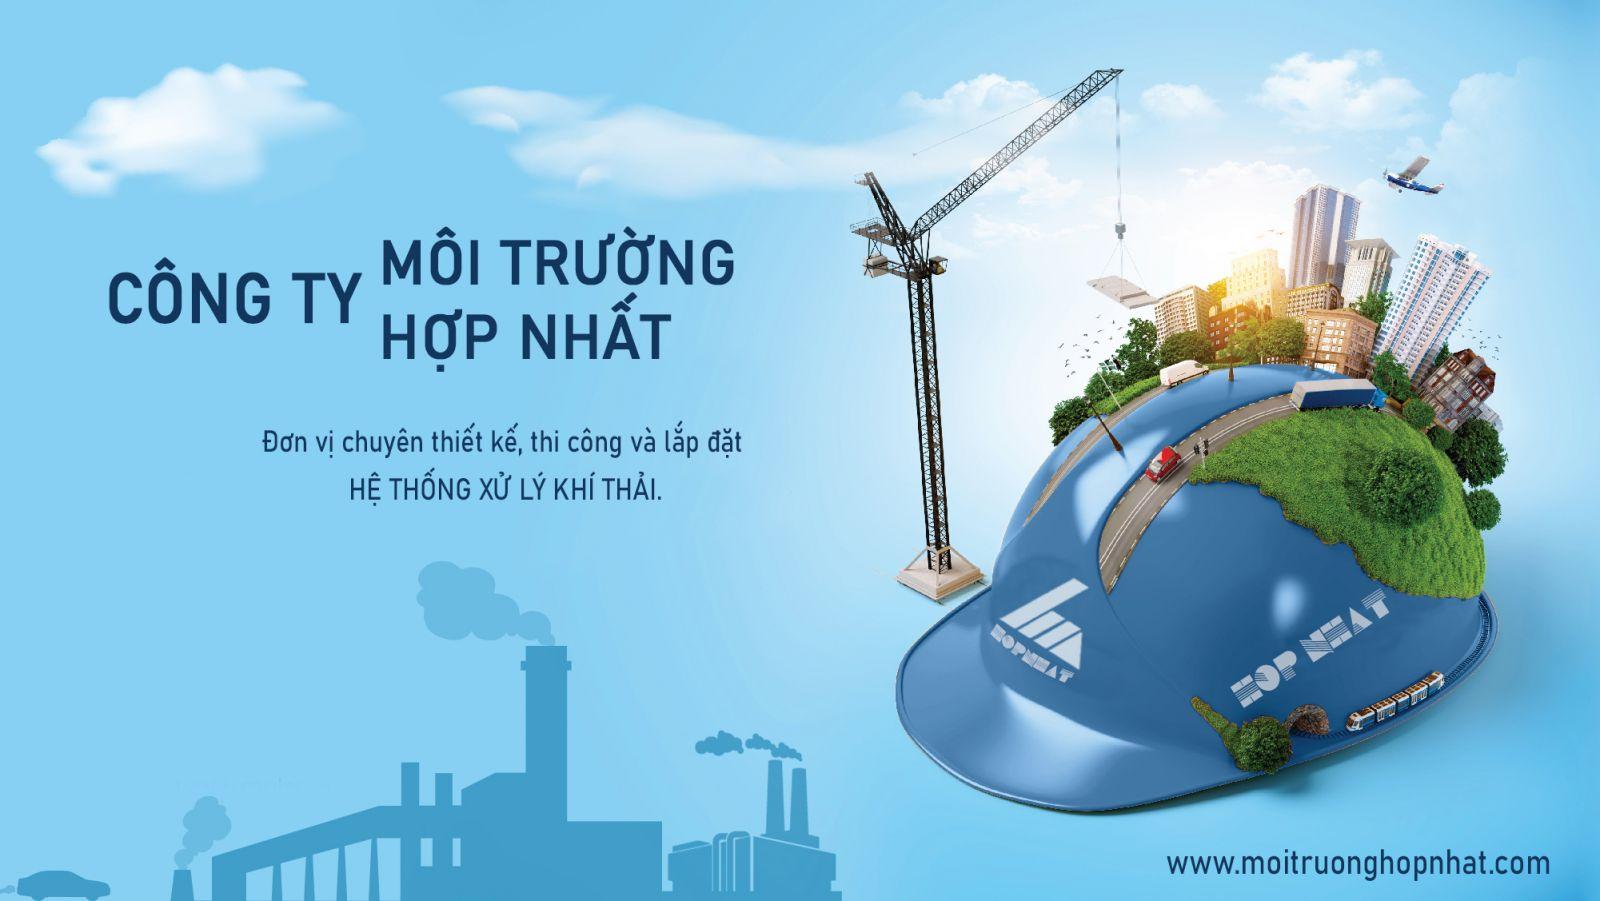 Hệ thống xử lý khí thải nhà máy nhiệt điện đốt than